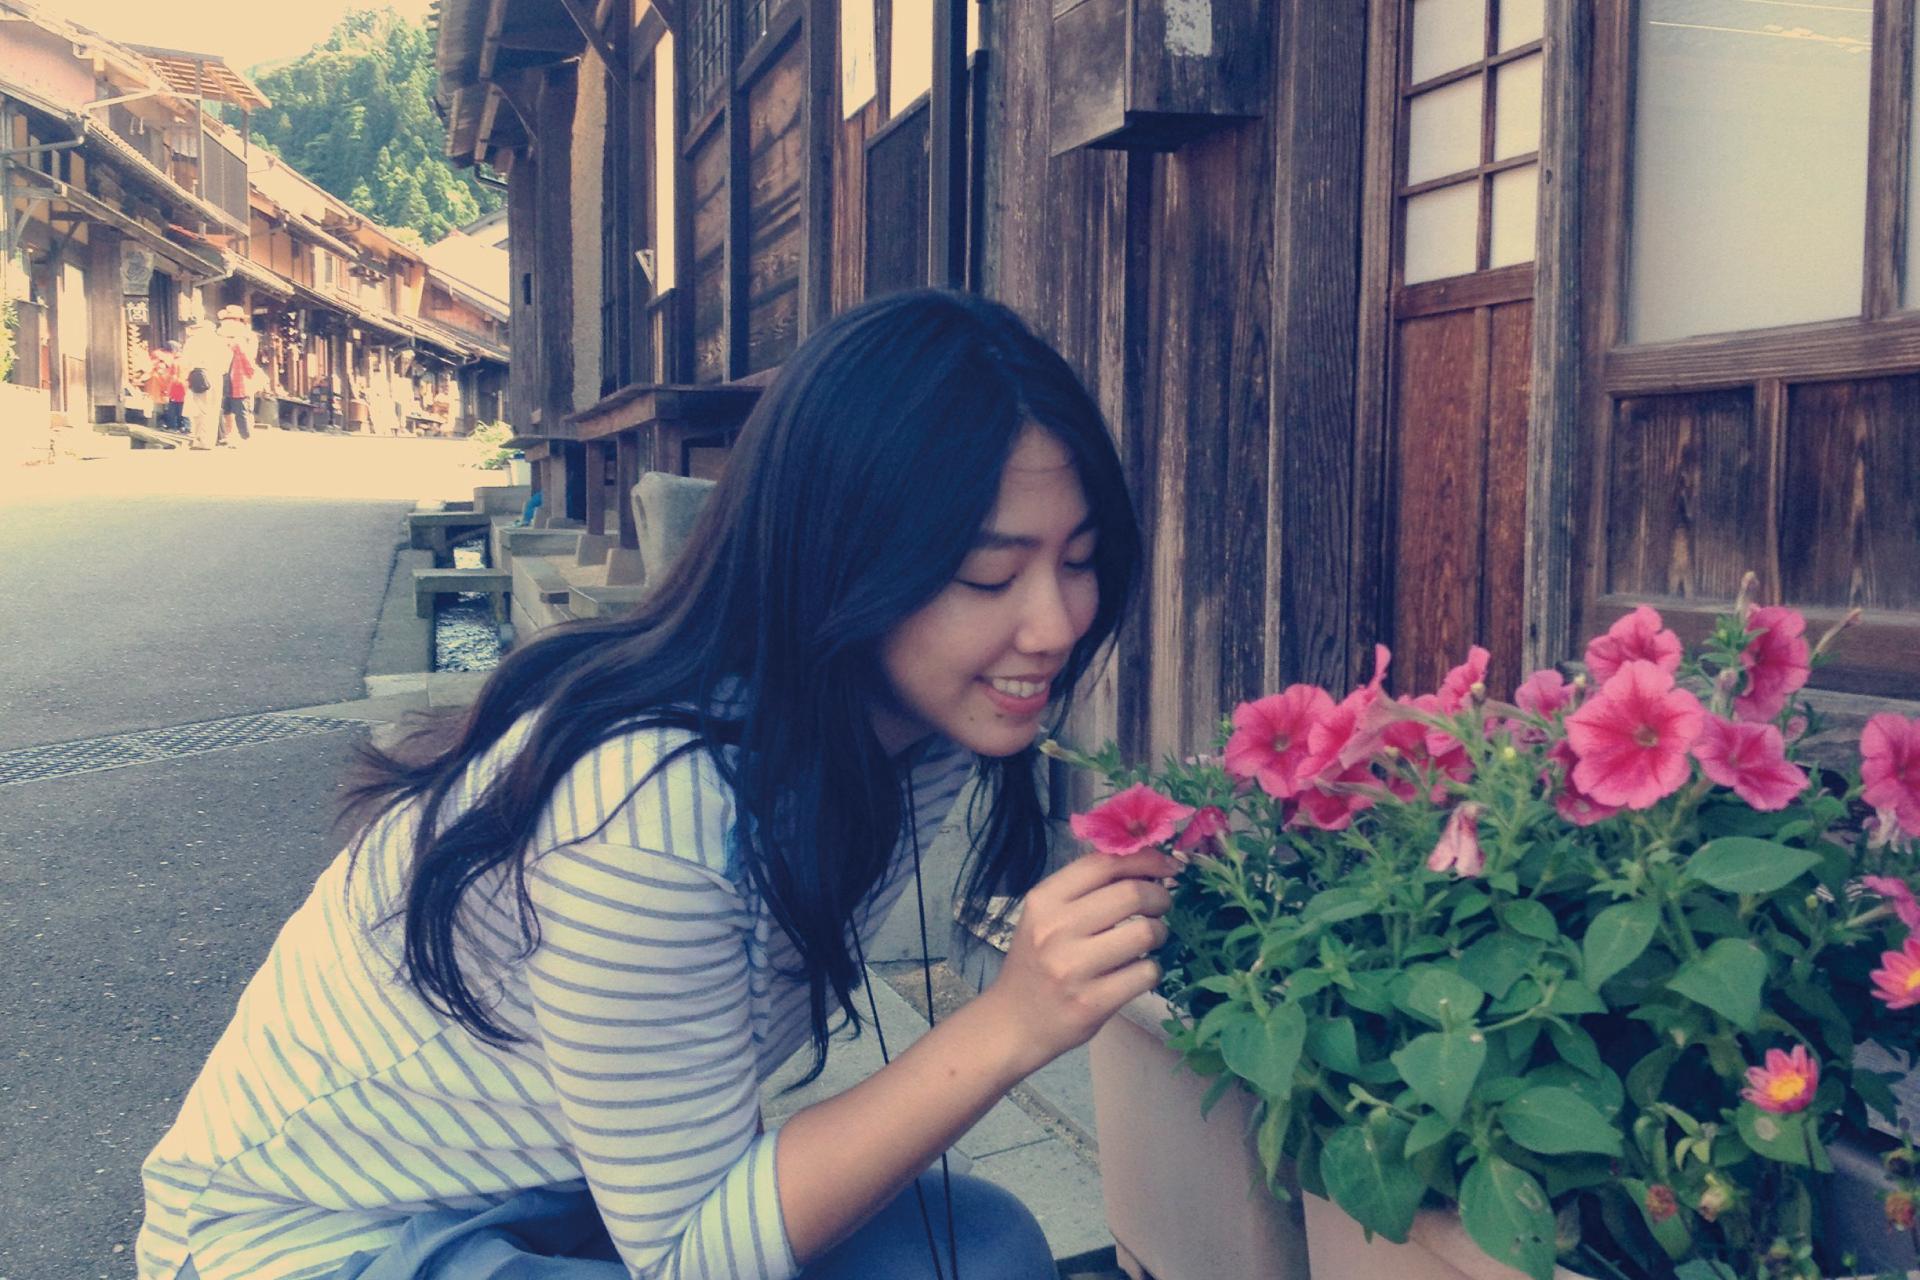 在不同城市豐富也充滿取捨的職場生涯-Facebook 大中華區中小企業 業務總監 Christina Lin